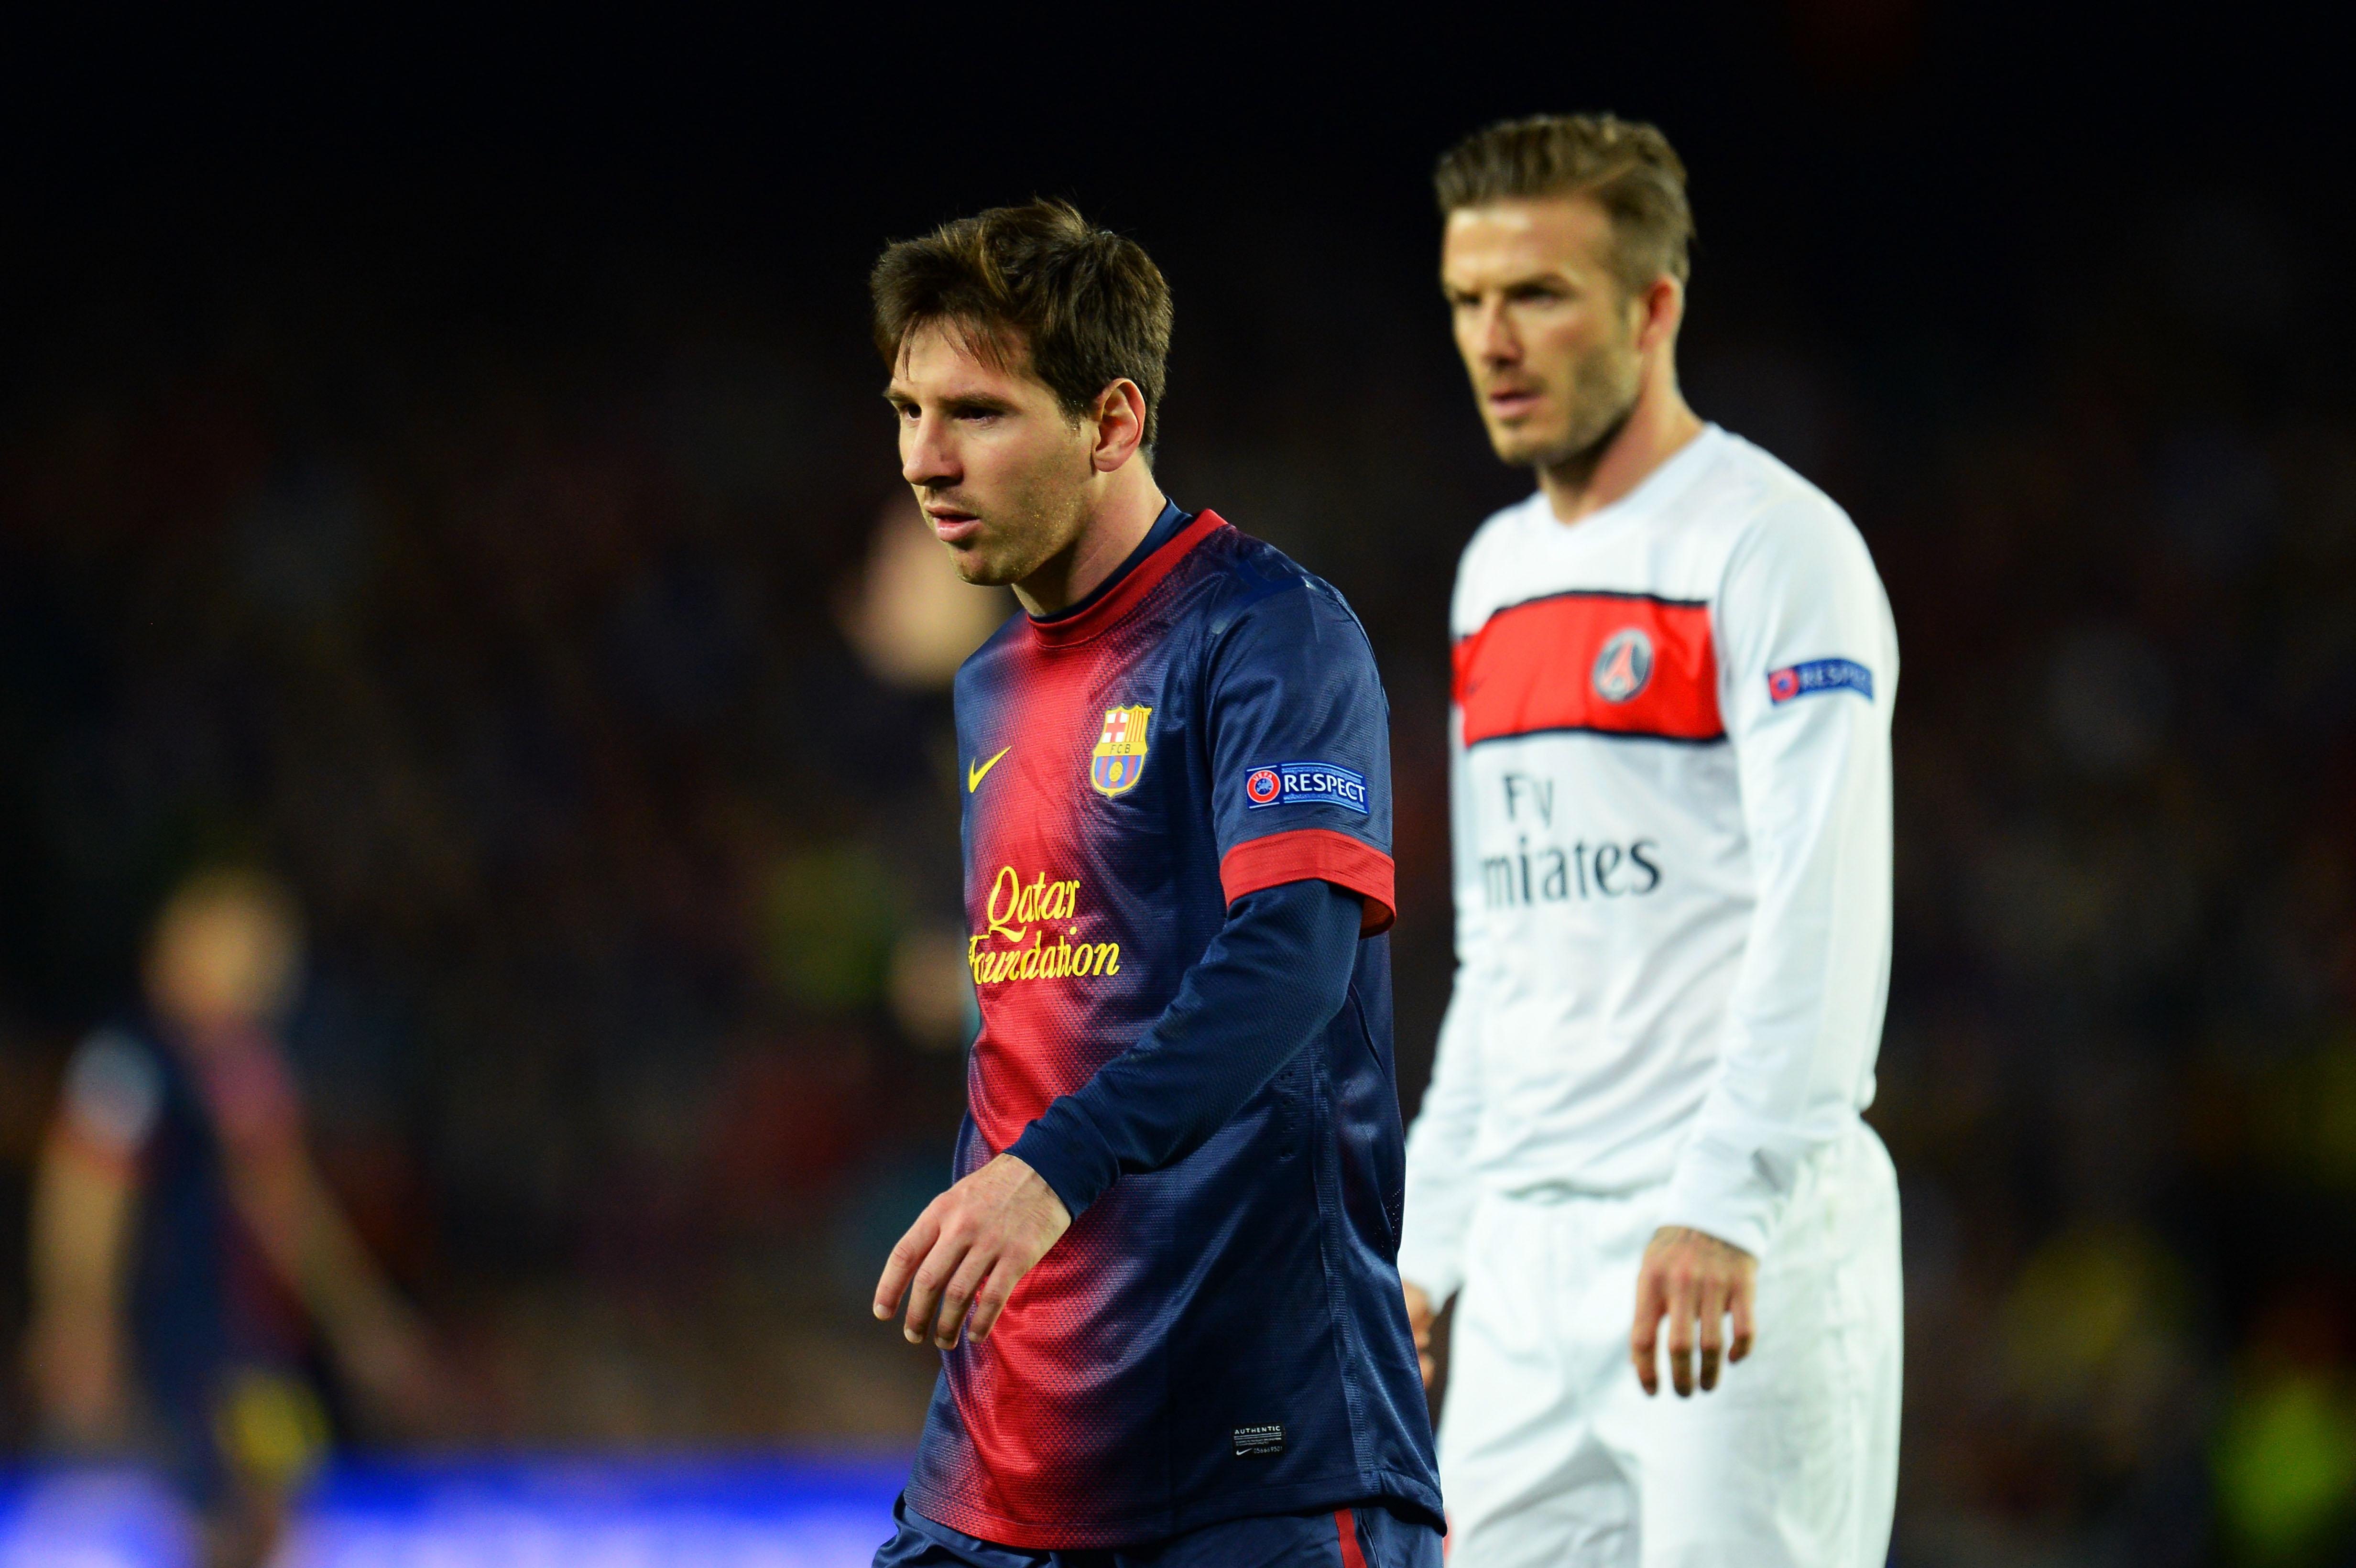 巴塞罗那vs巴黎圣日耳曼-欧冠四分之一决赛